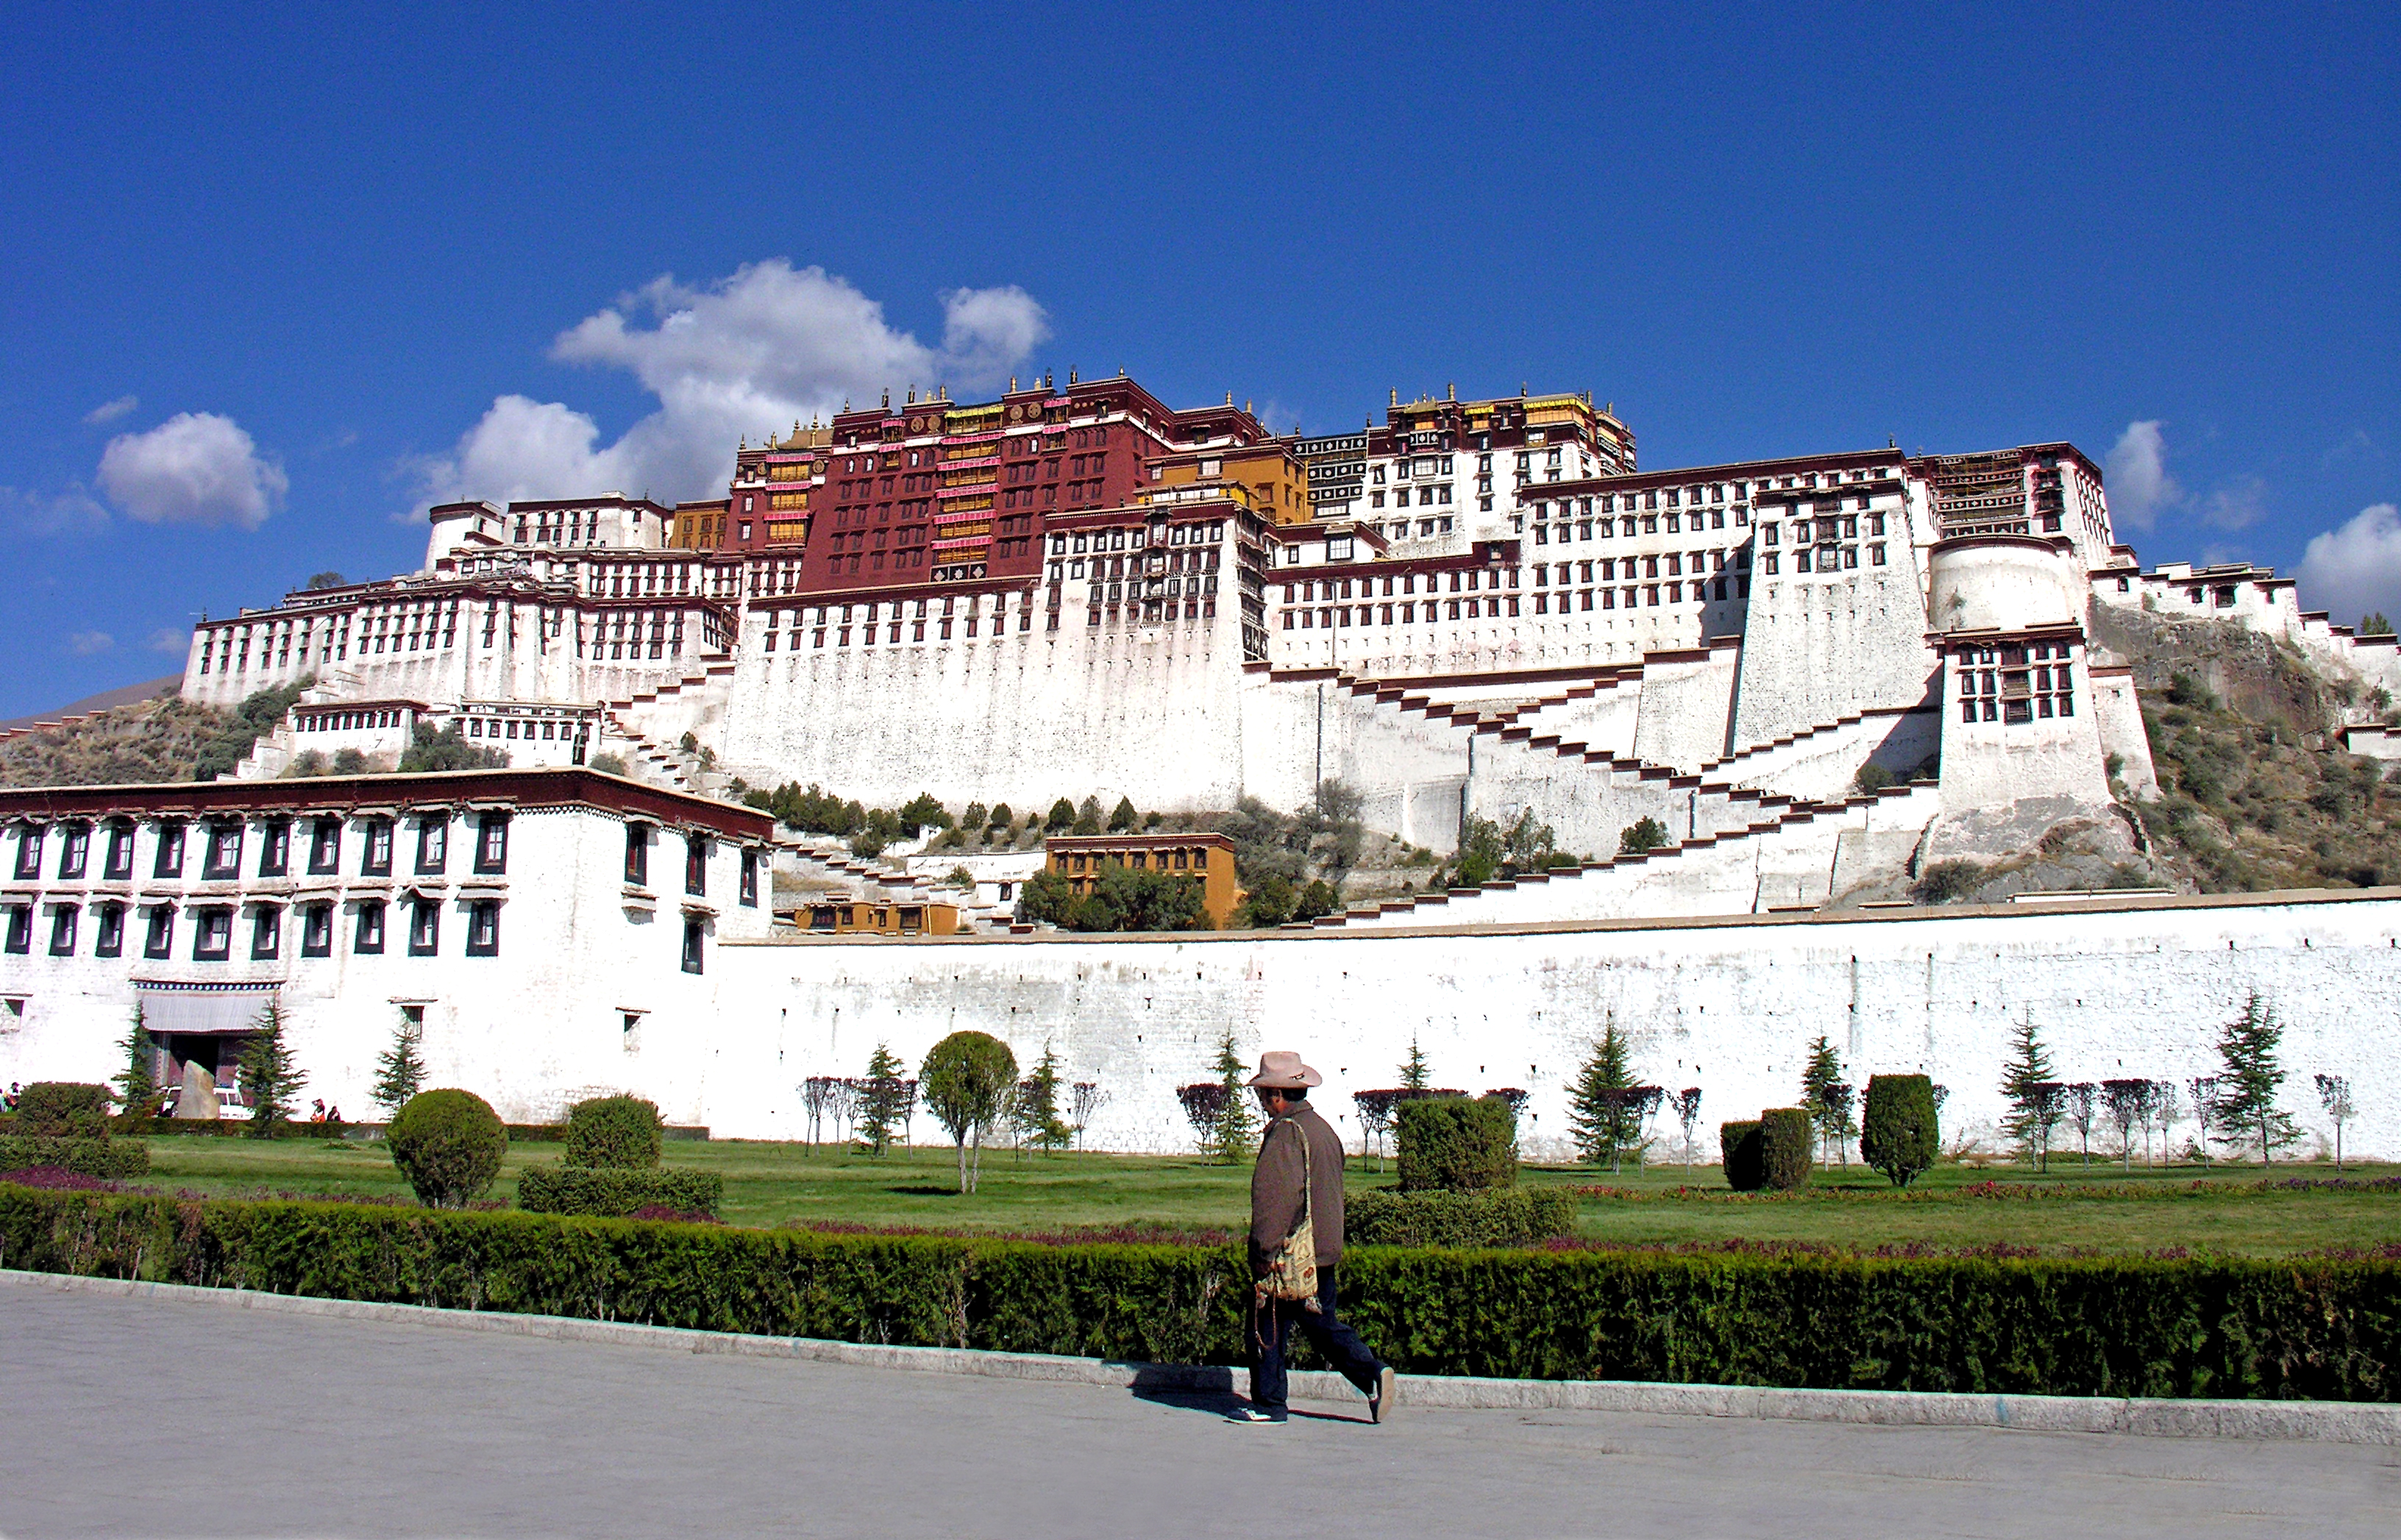 Tempat Wisata Unik Di Tibet yang Wajib Anda Kunjungi